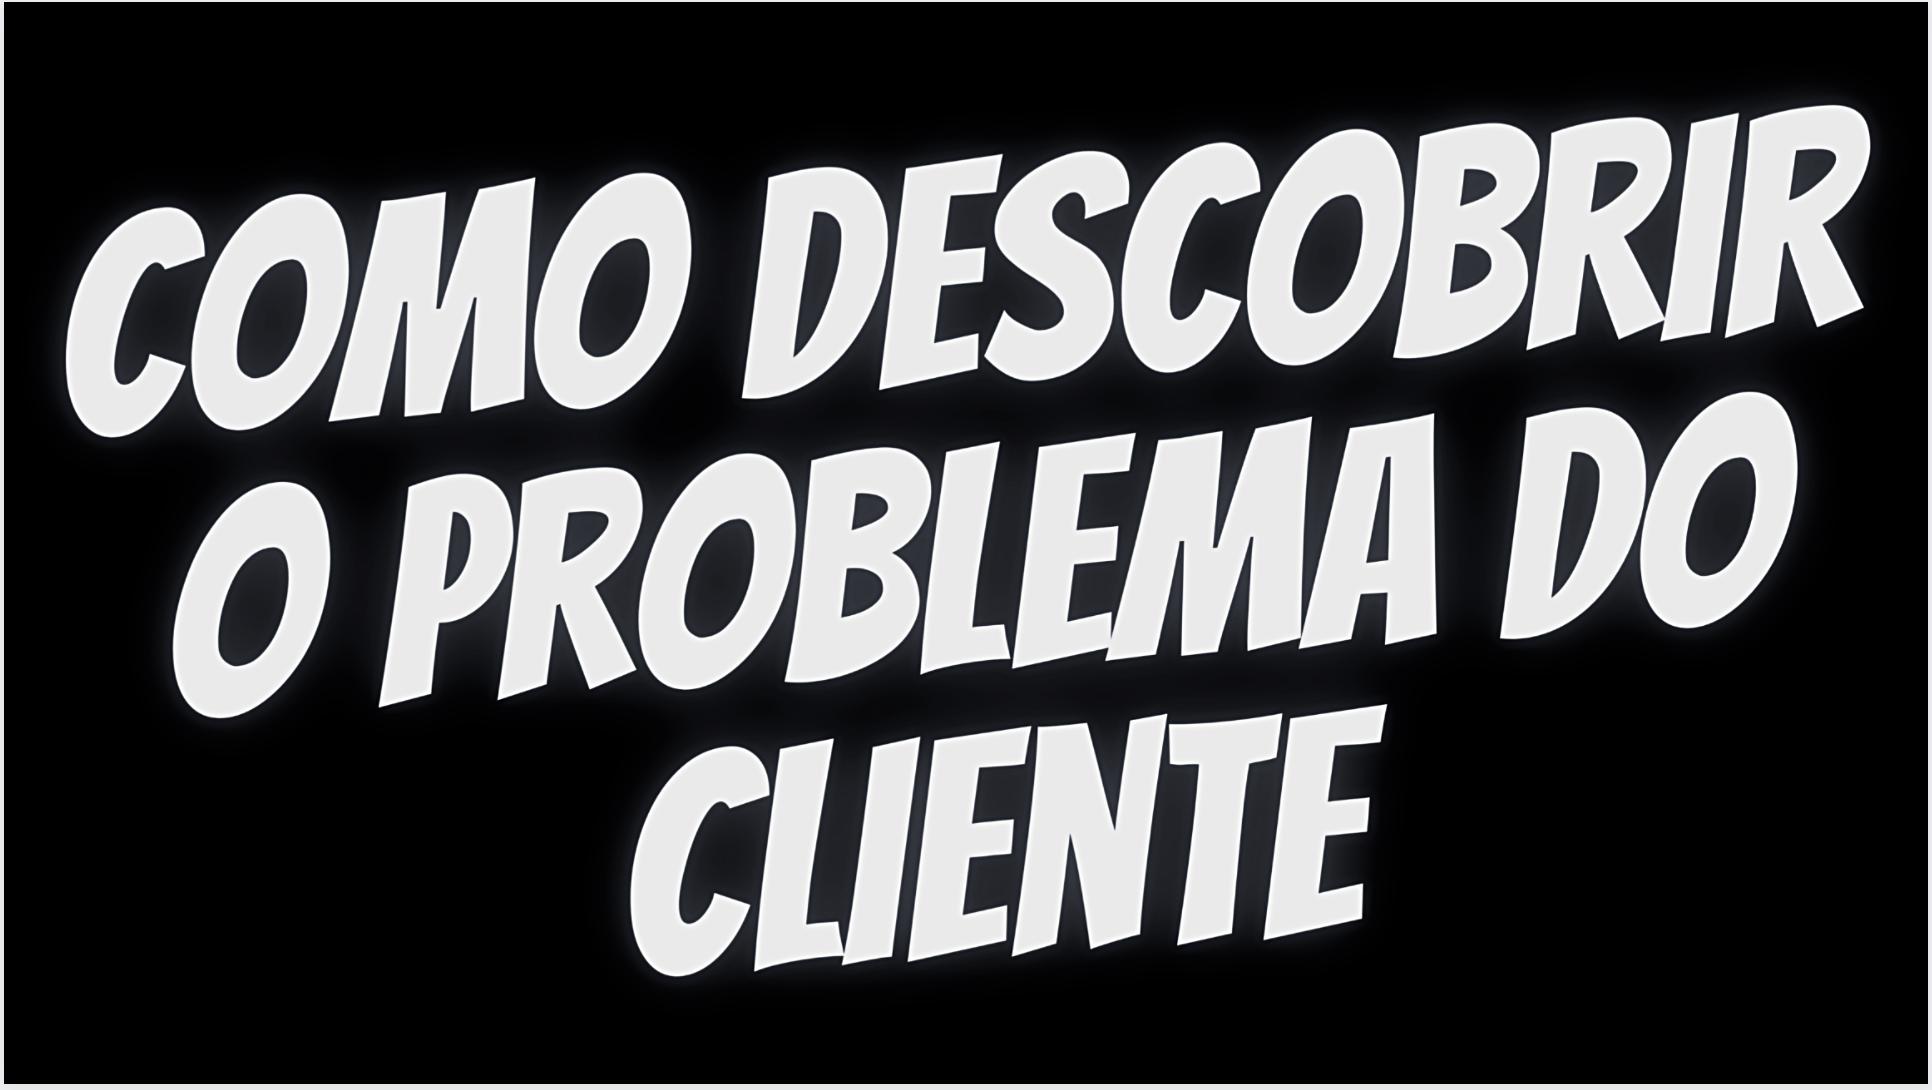 Como descobrir o problema do cliente